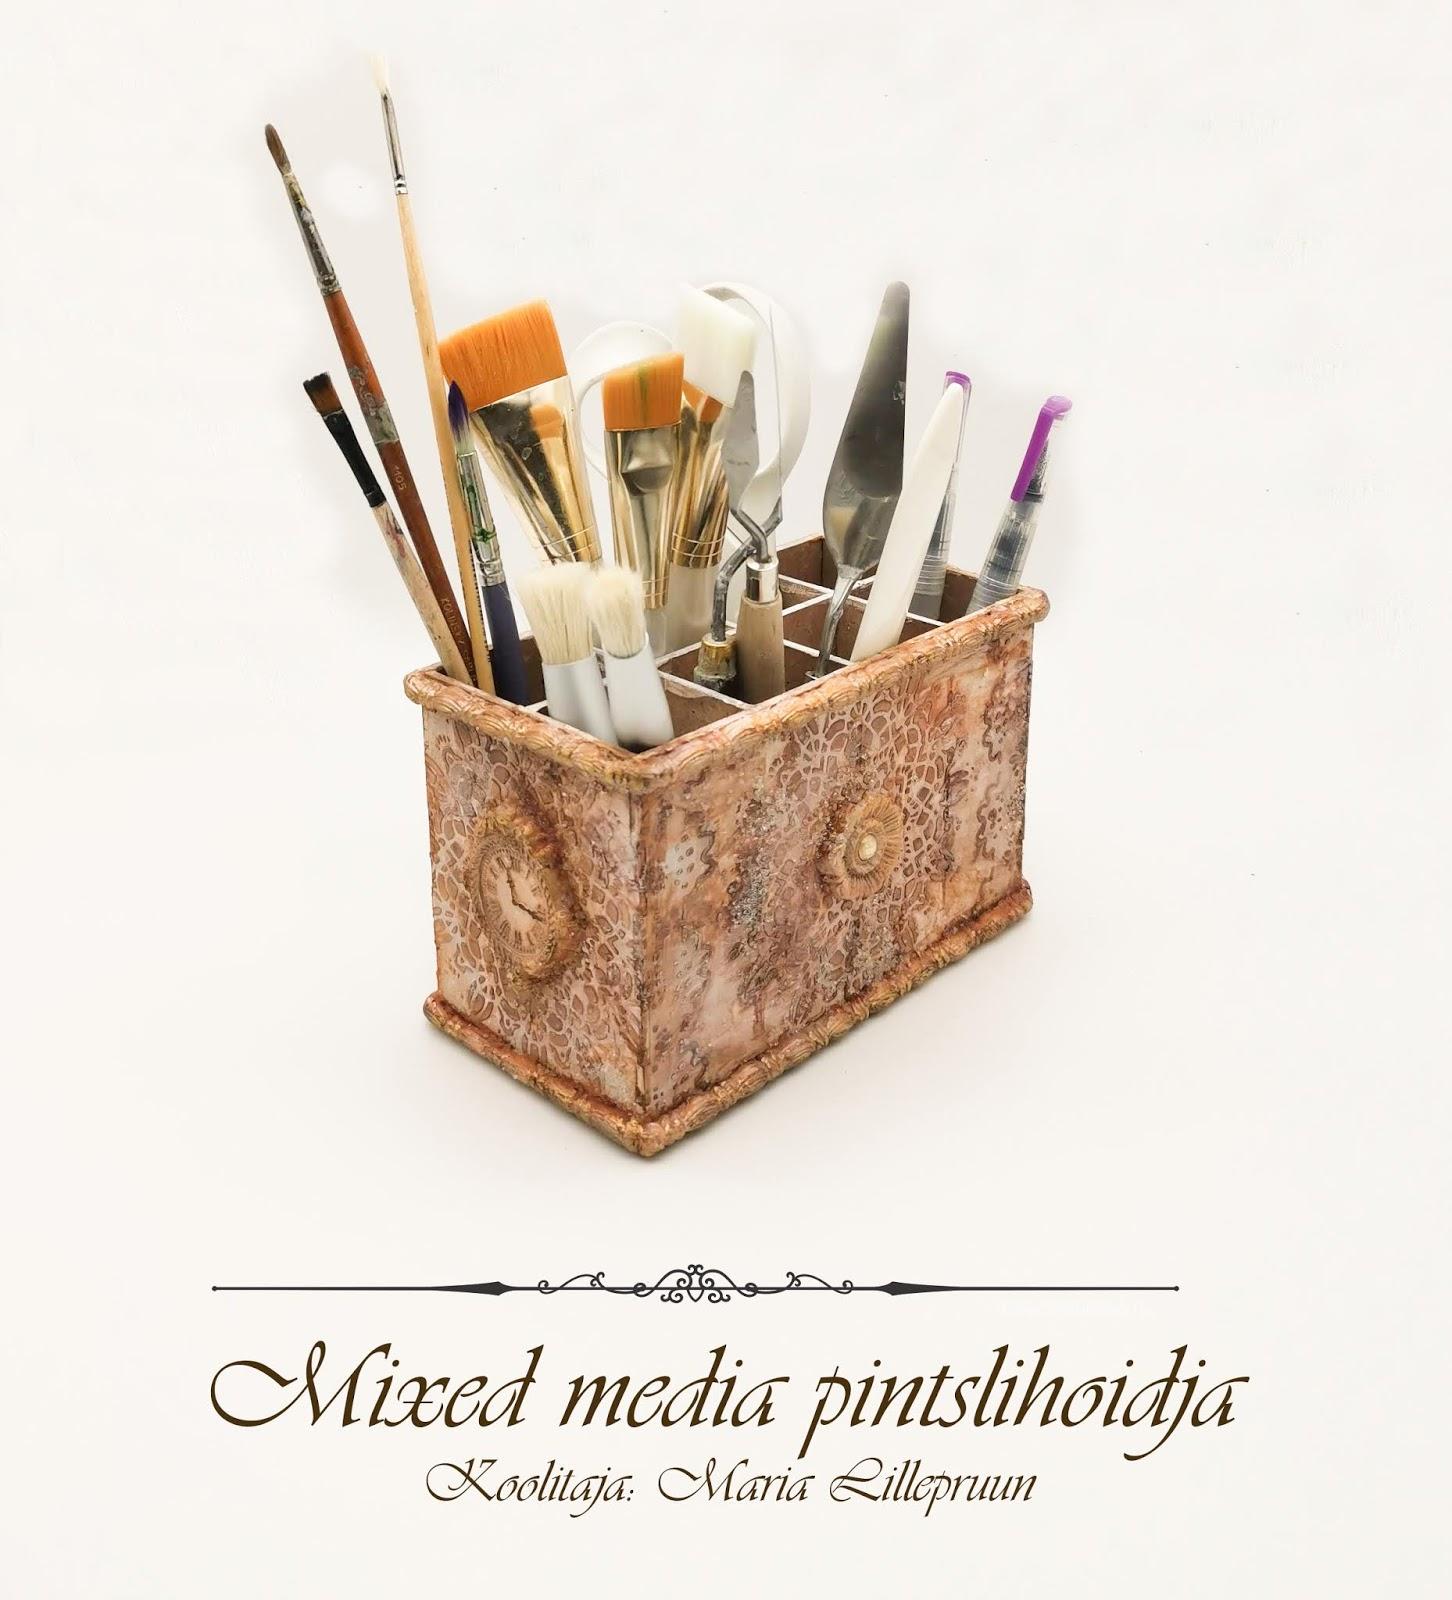 Vintage stiilis pintslihoidja õpituba - Tallinnas 12.10.2019 kl 10